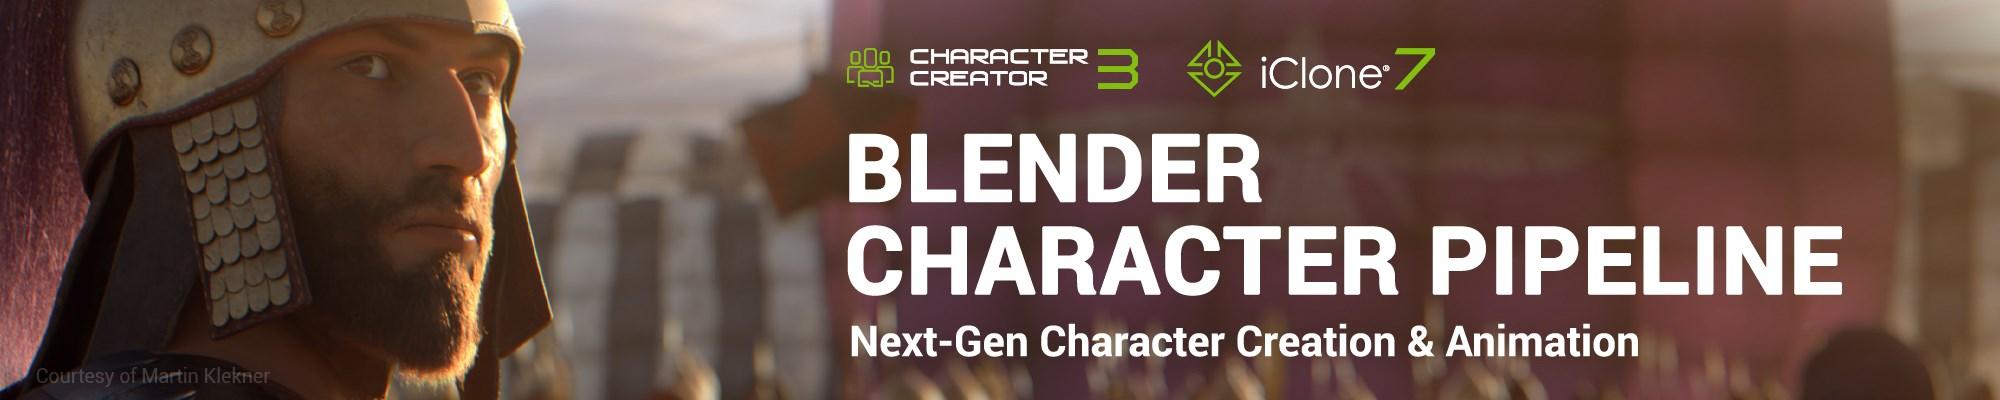 CC Blender Character Pipeline